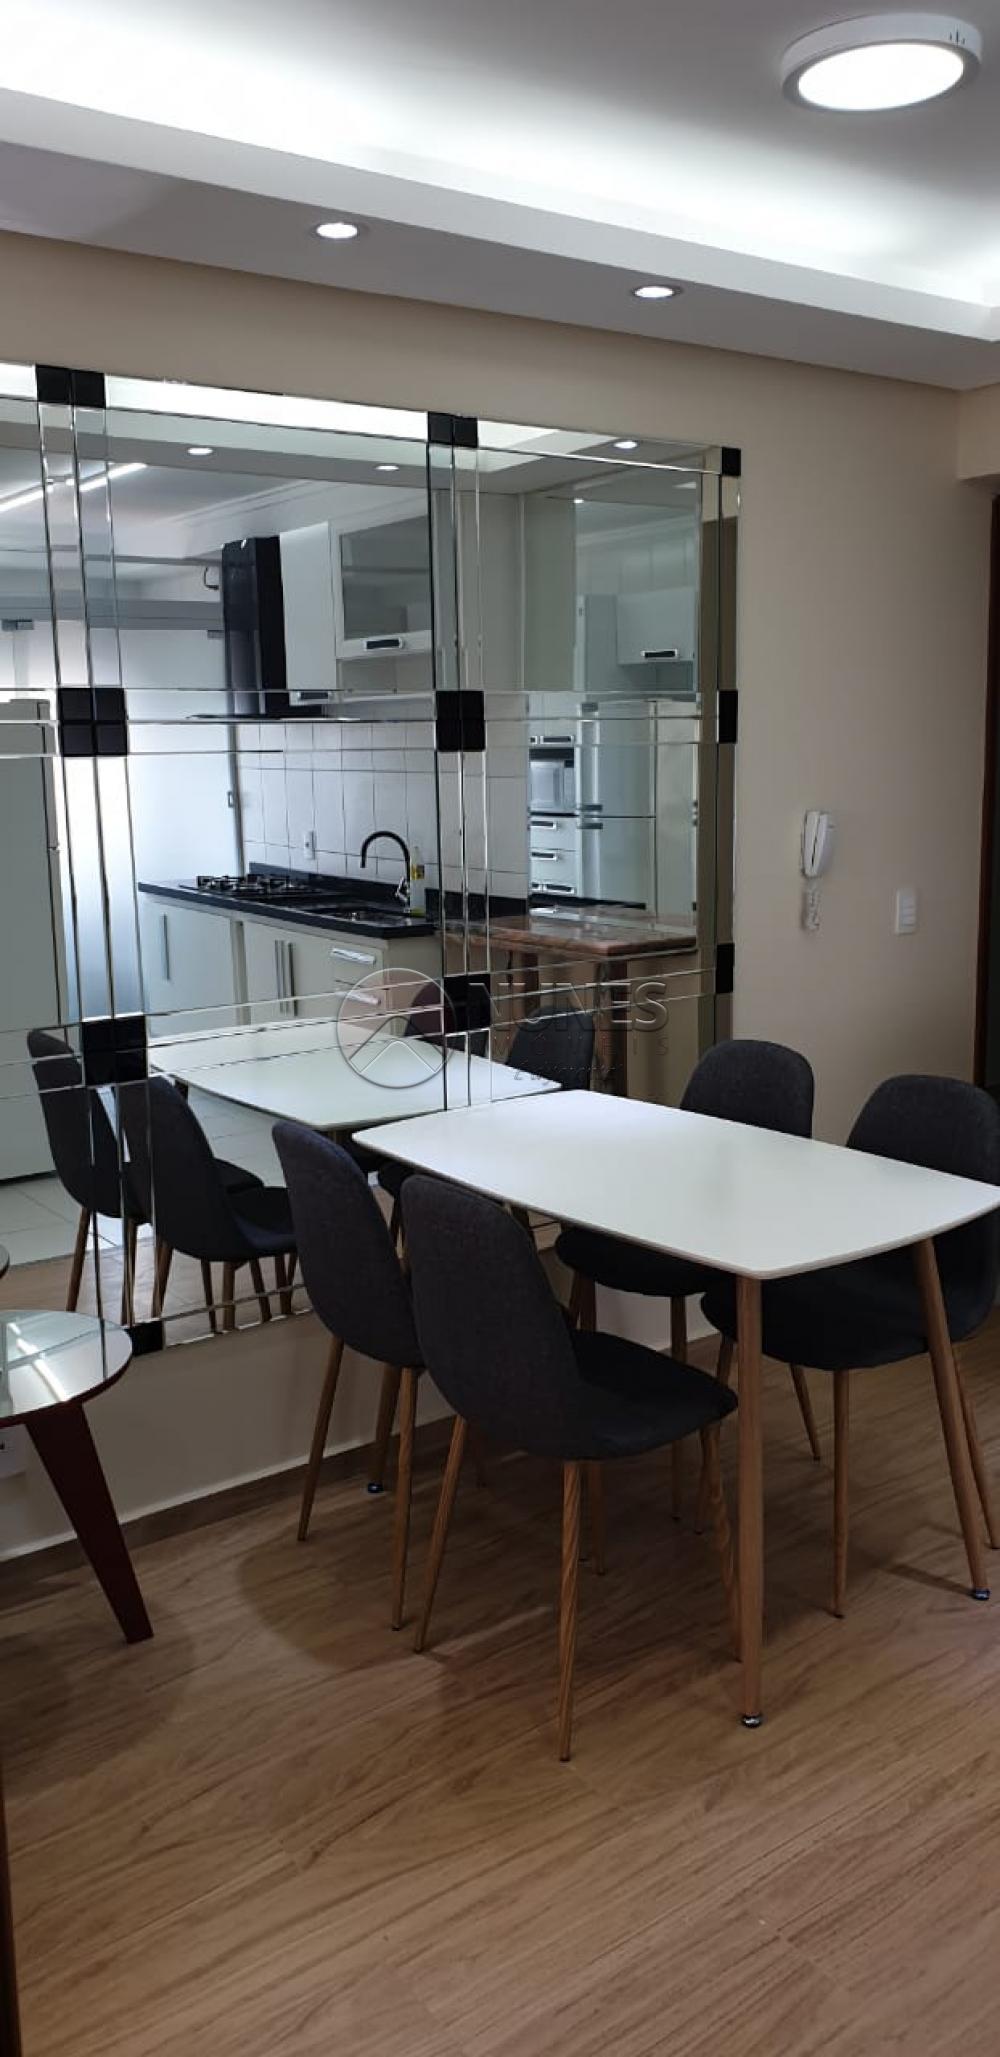 Comprar Apartamento / Padrão em Osasco apenas R$ 195.000,00 - Foto 7